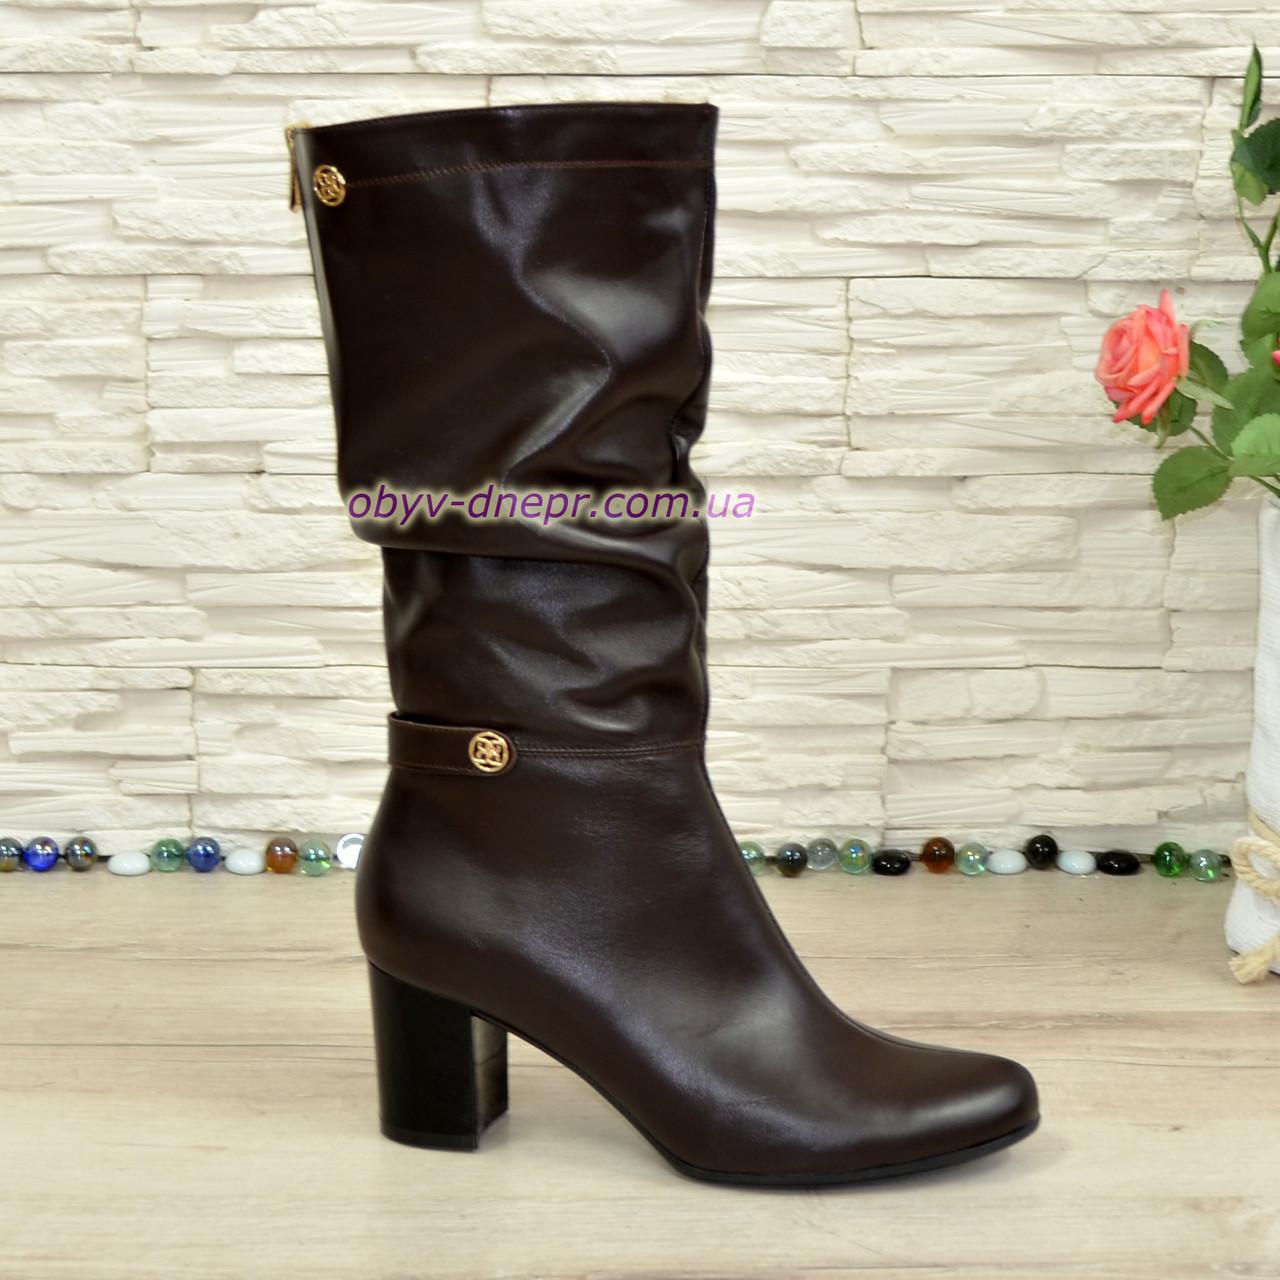 Зимние кожаные женские сапоги на невысоком каблуке, цвет коричневый, фото 1